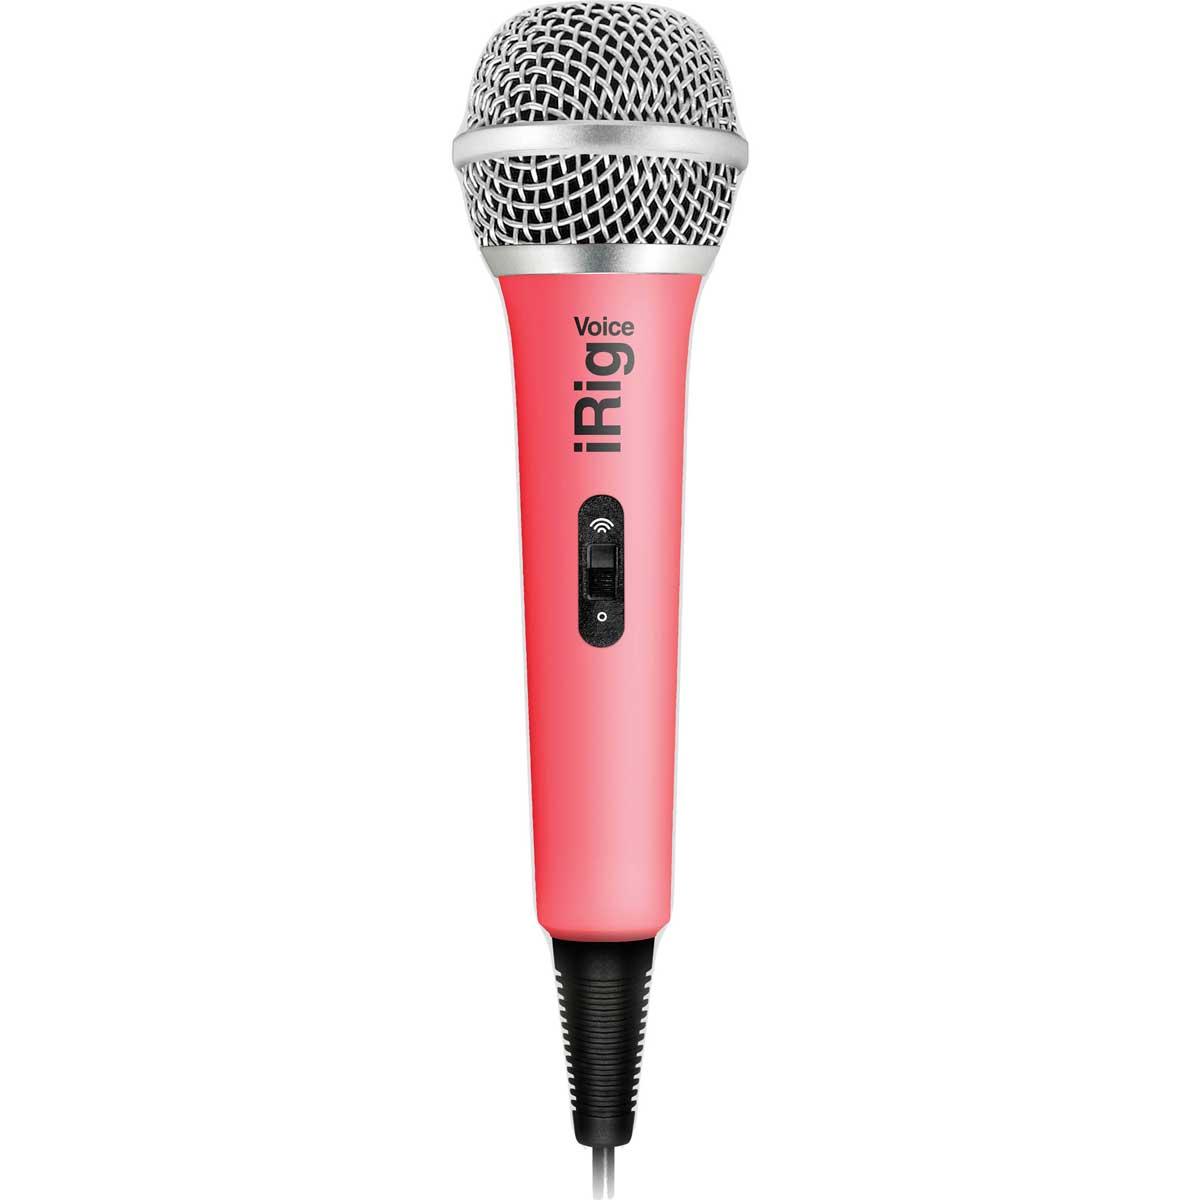 Kondensator-mikrofon